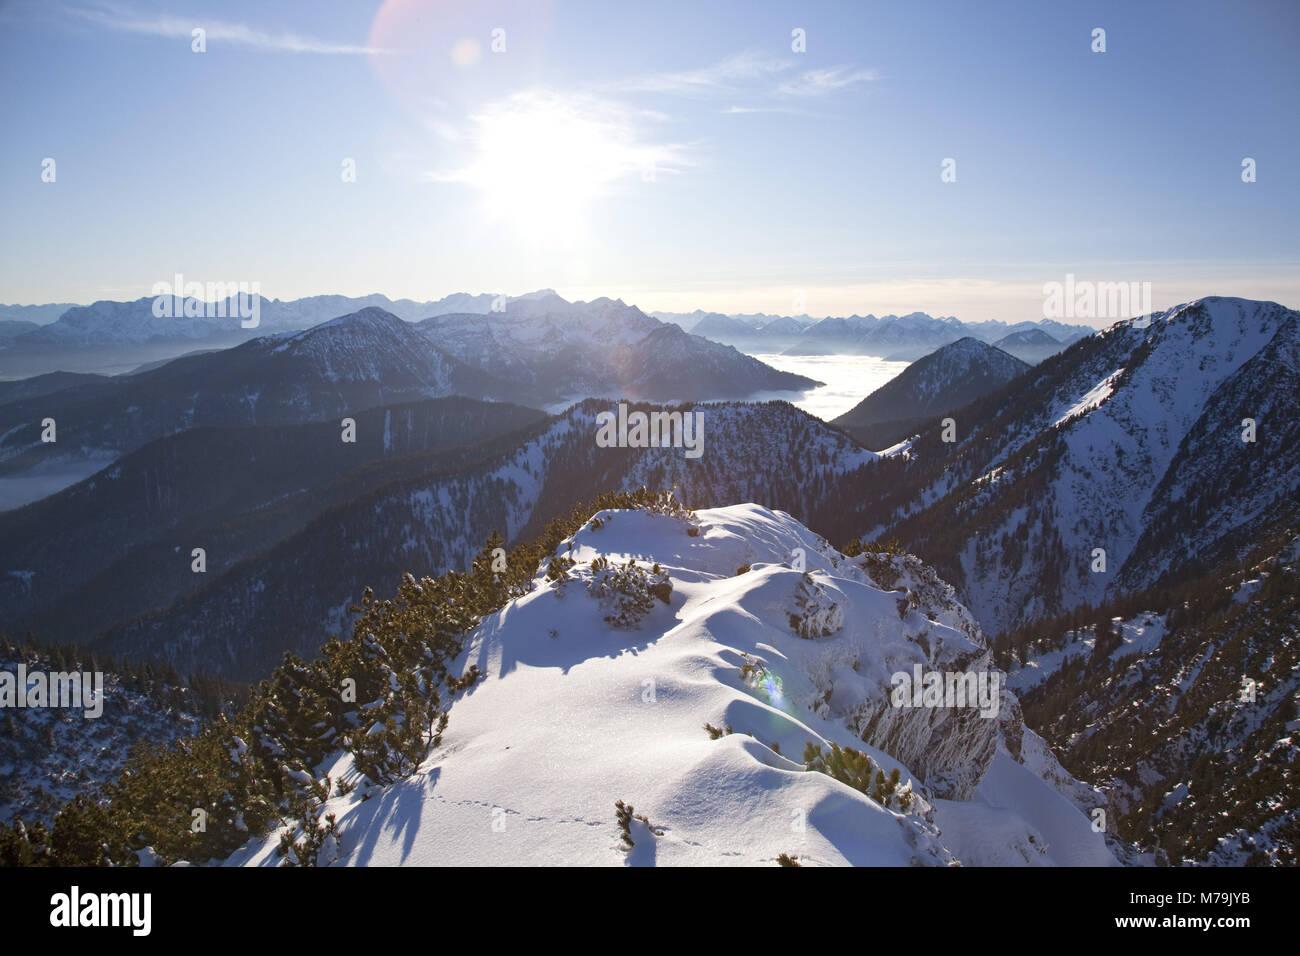 View from Herzogstand to Heimgarten, Bavarian pre-alpine, Alpine foreland, alps, Bavarian uplands, Upper Bavaria, - Stock Image